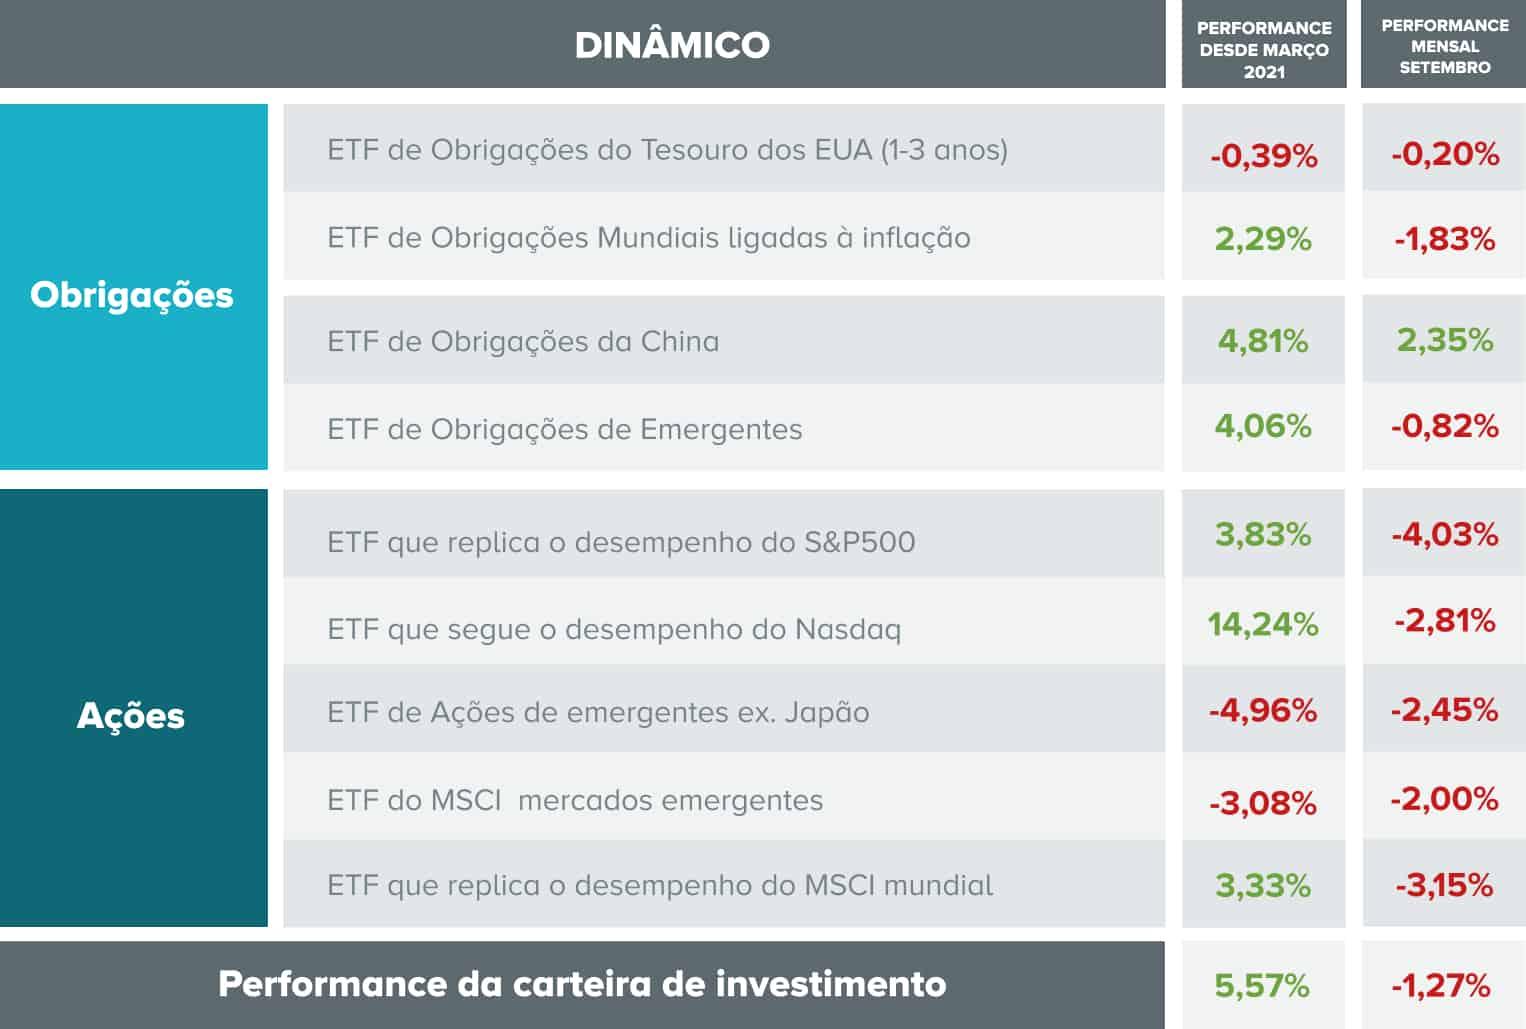 Composição e desempenho da carteira de investimento com perfil dinâmico.